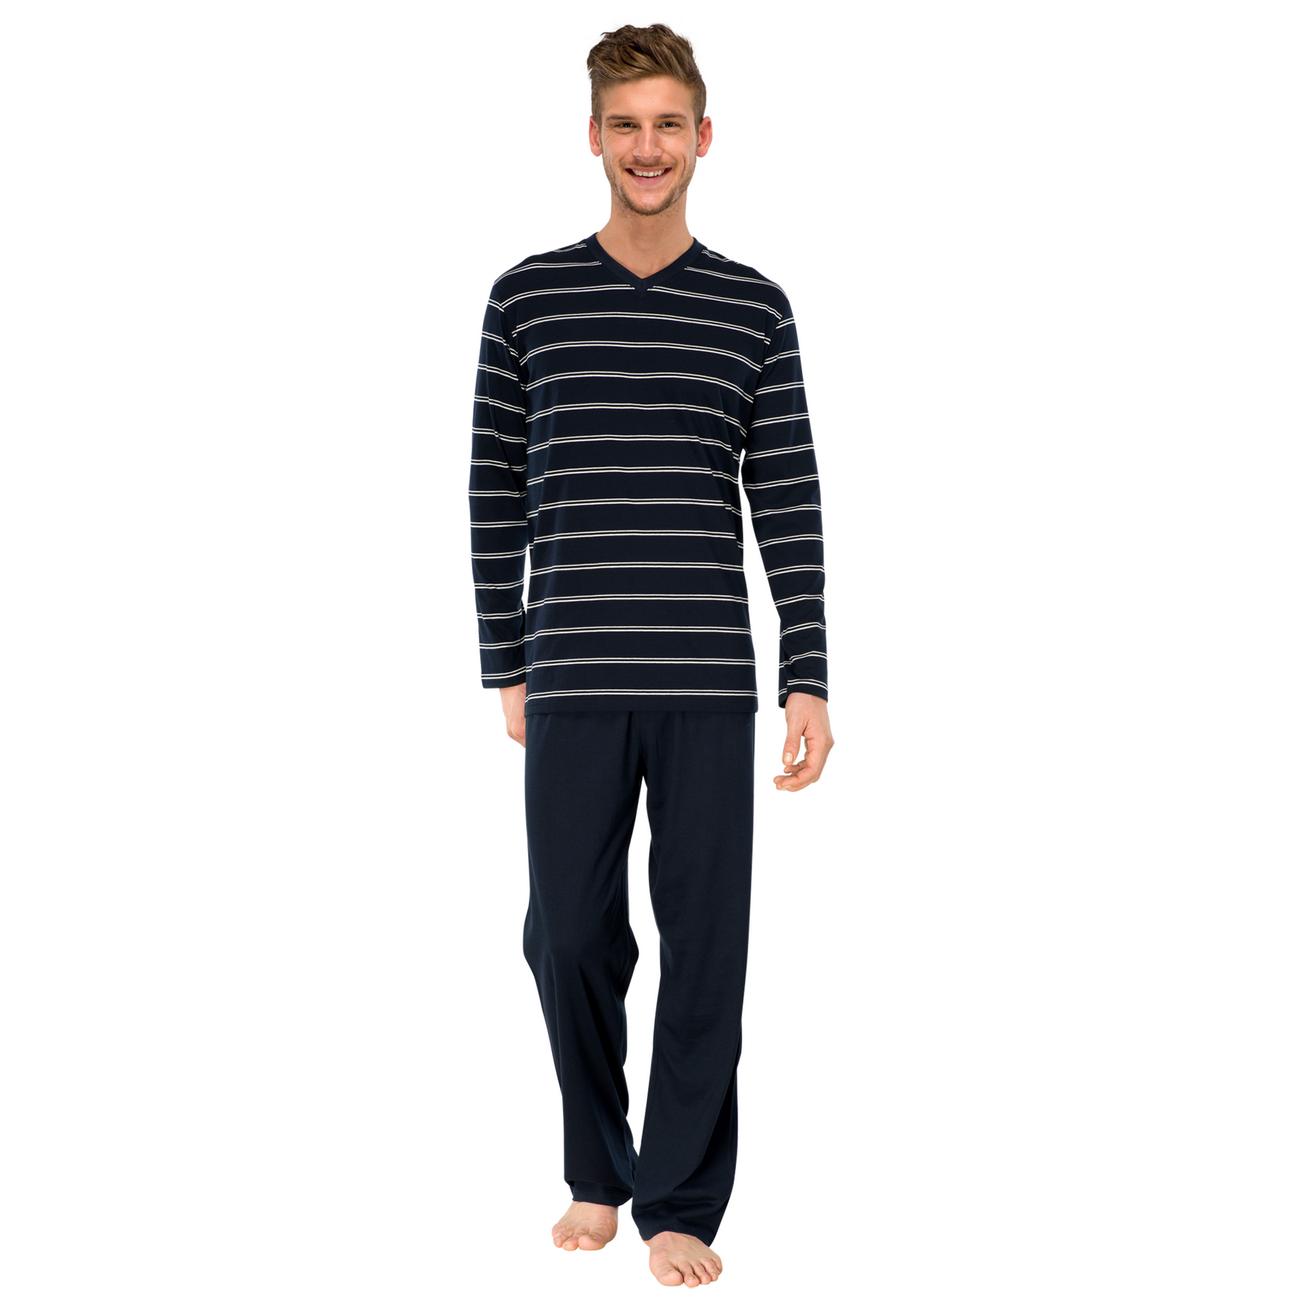 146602 Schiesser Herren langer Schlafanzug Pyjama Lang